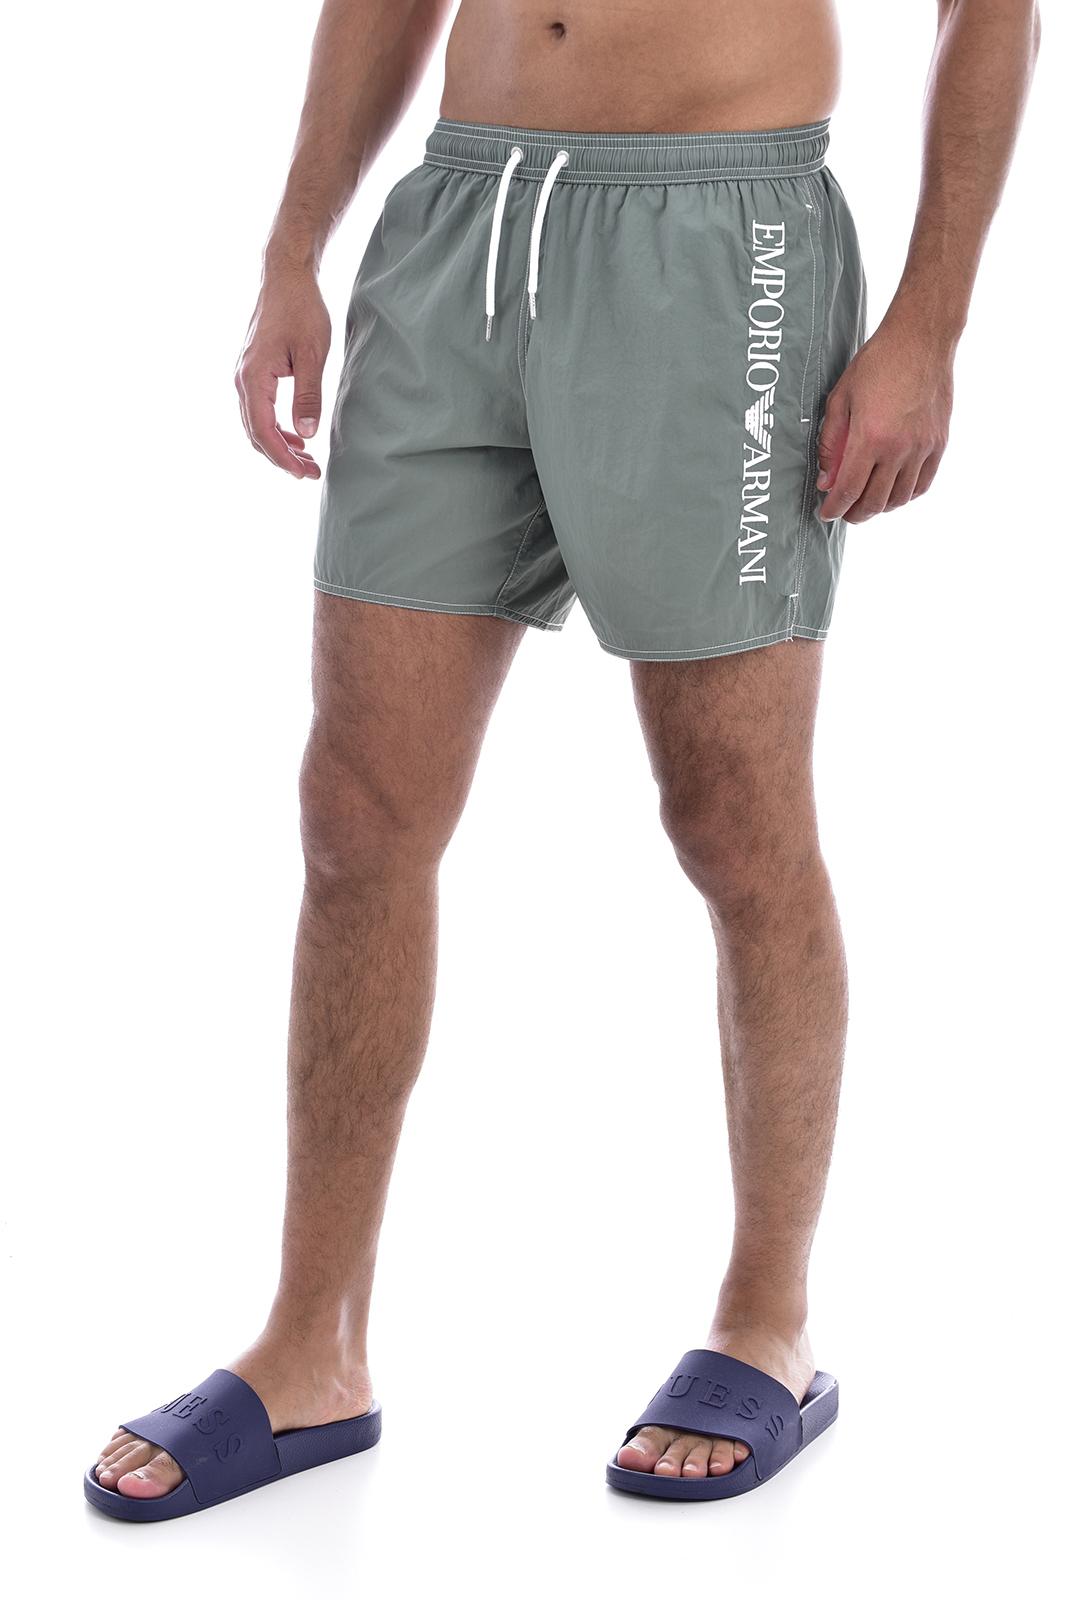 Shorts de bain  Emporio armani 211740 0P422 05481 BAMBOO